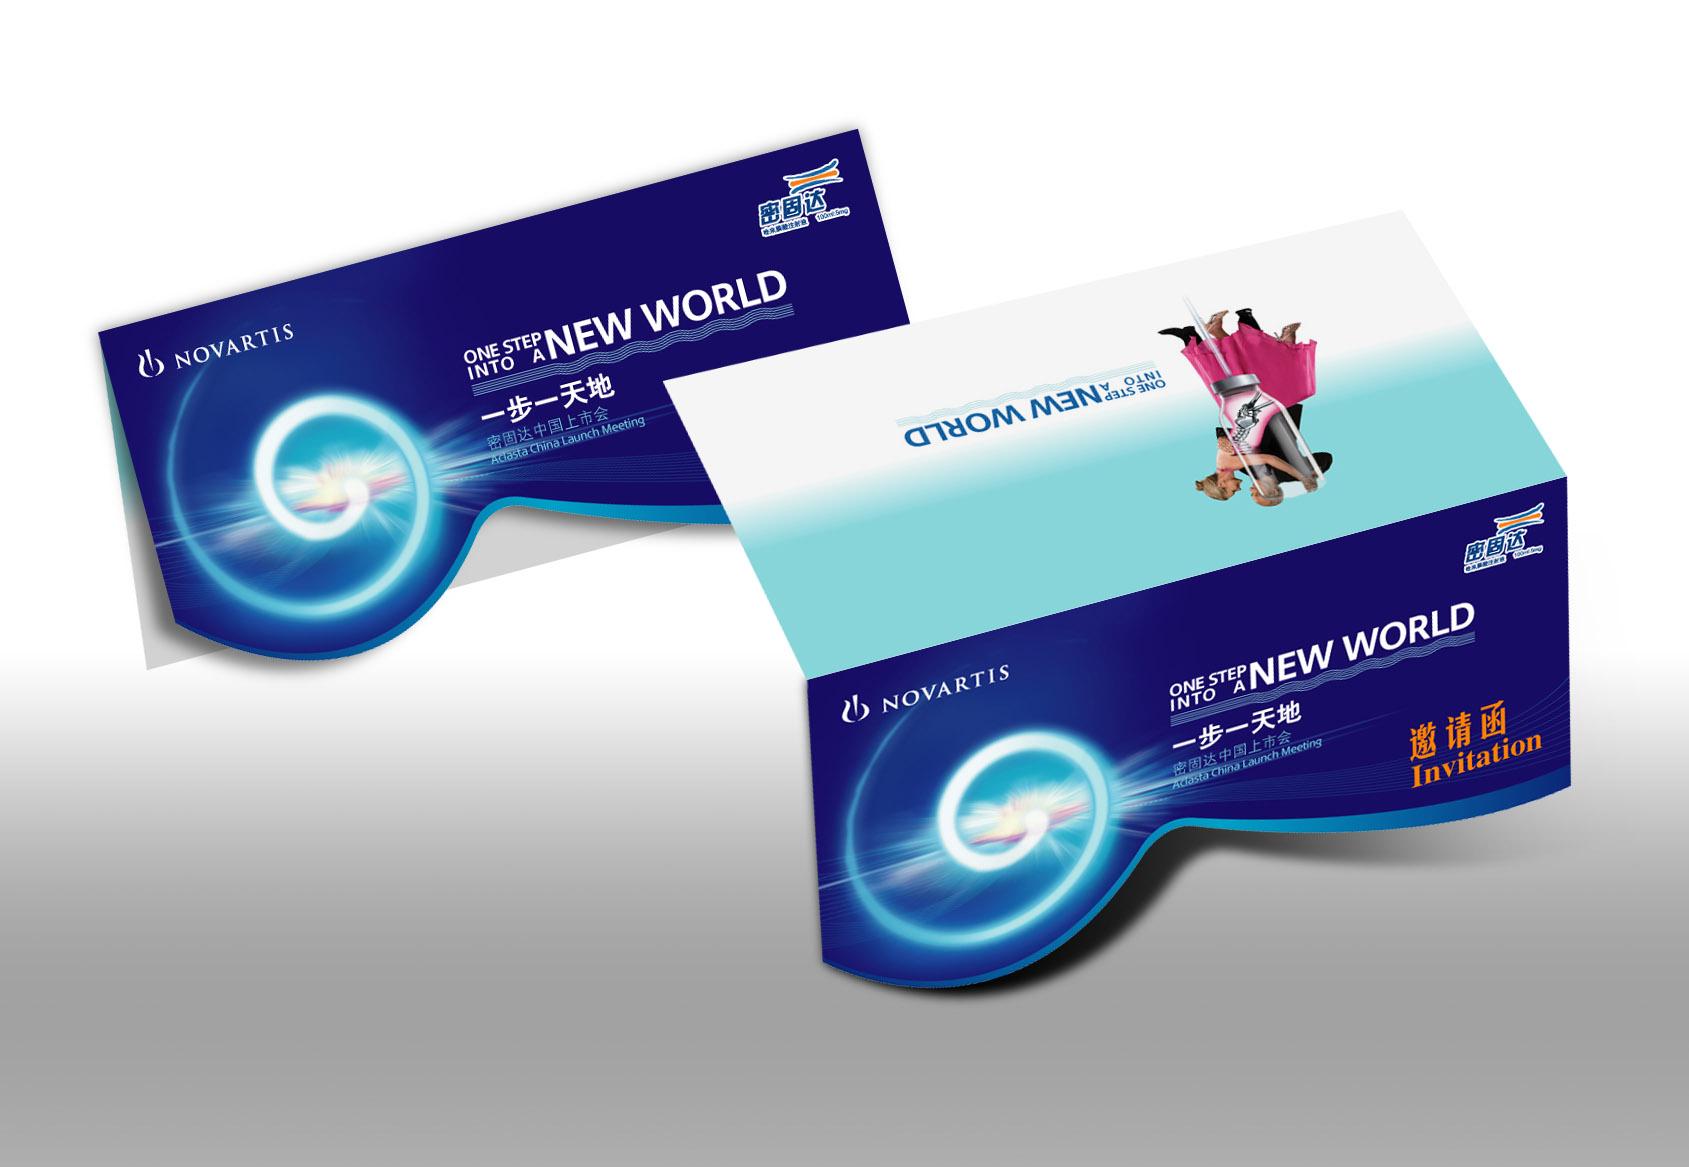 明信片卡片设计会员卡贺卡设计聘书文件袋文件夹档案袋请柬合格证